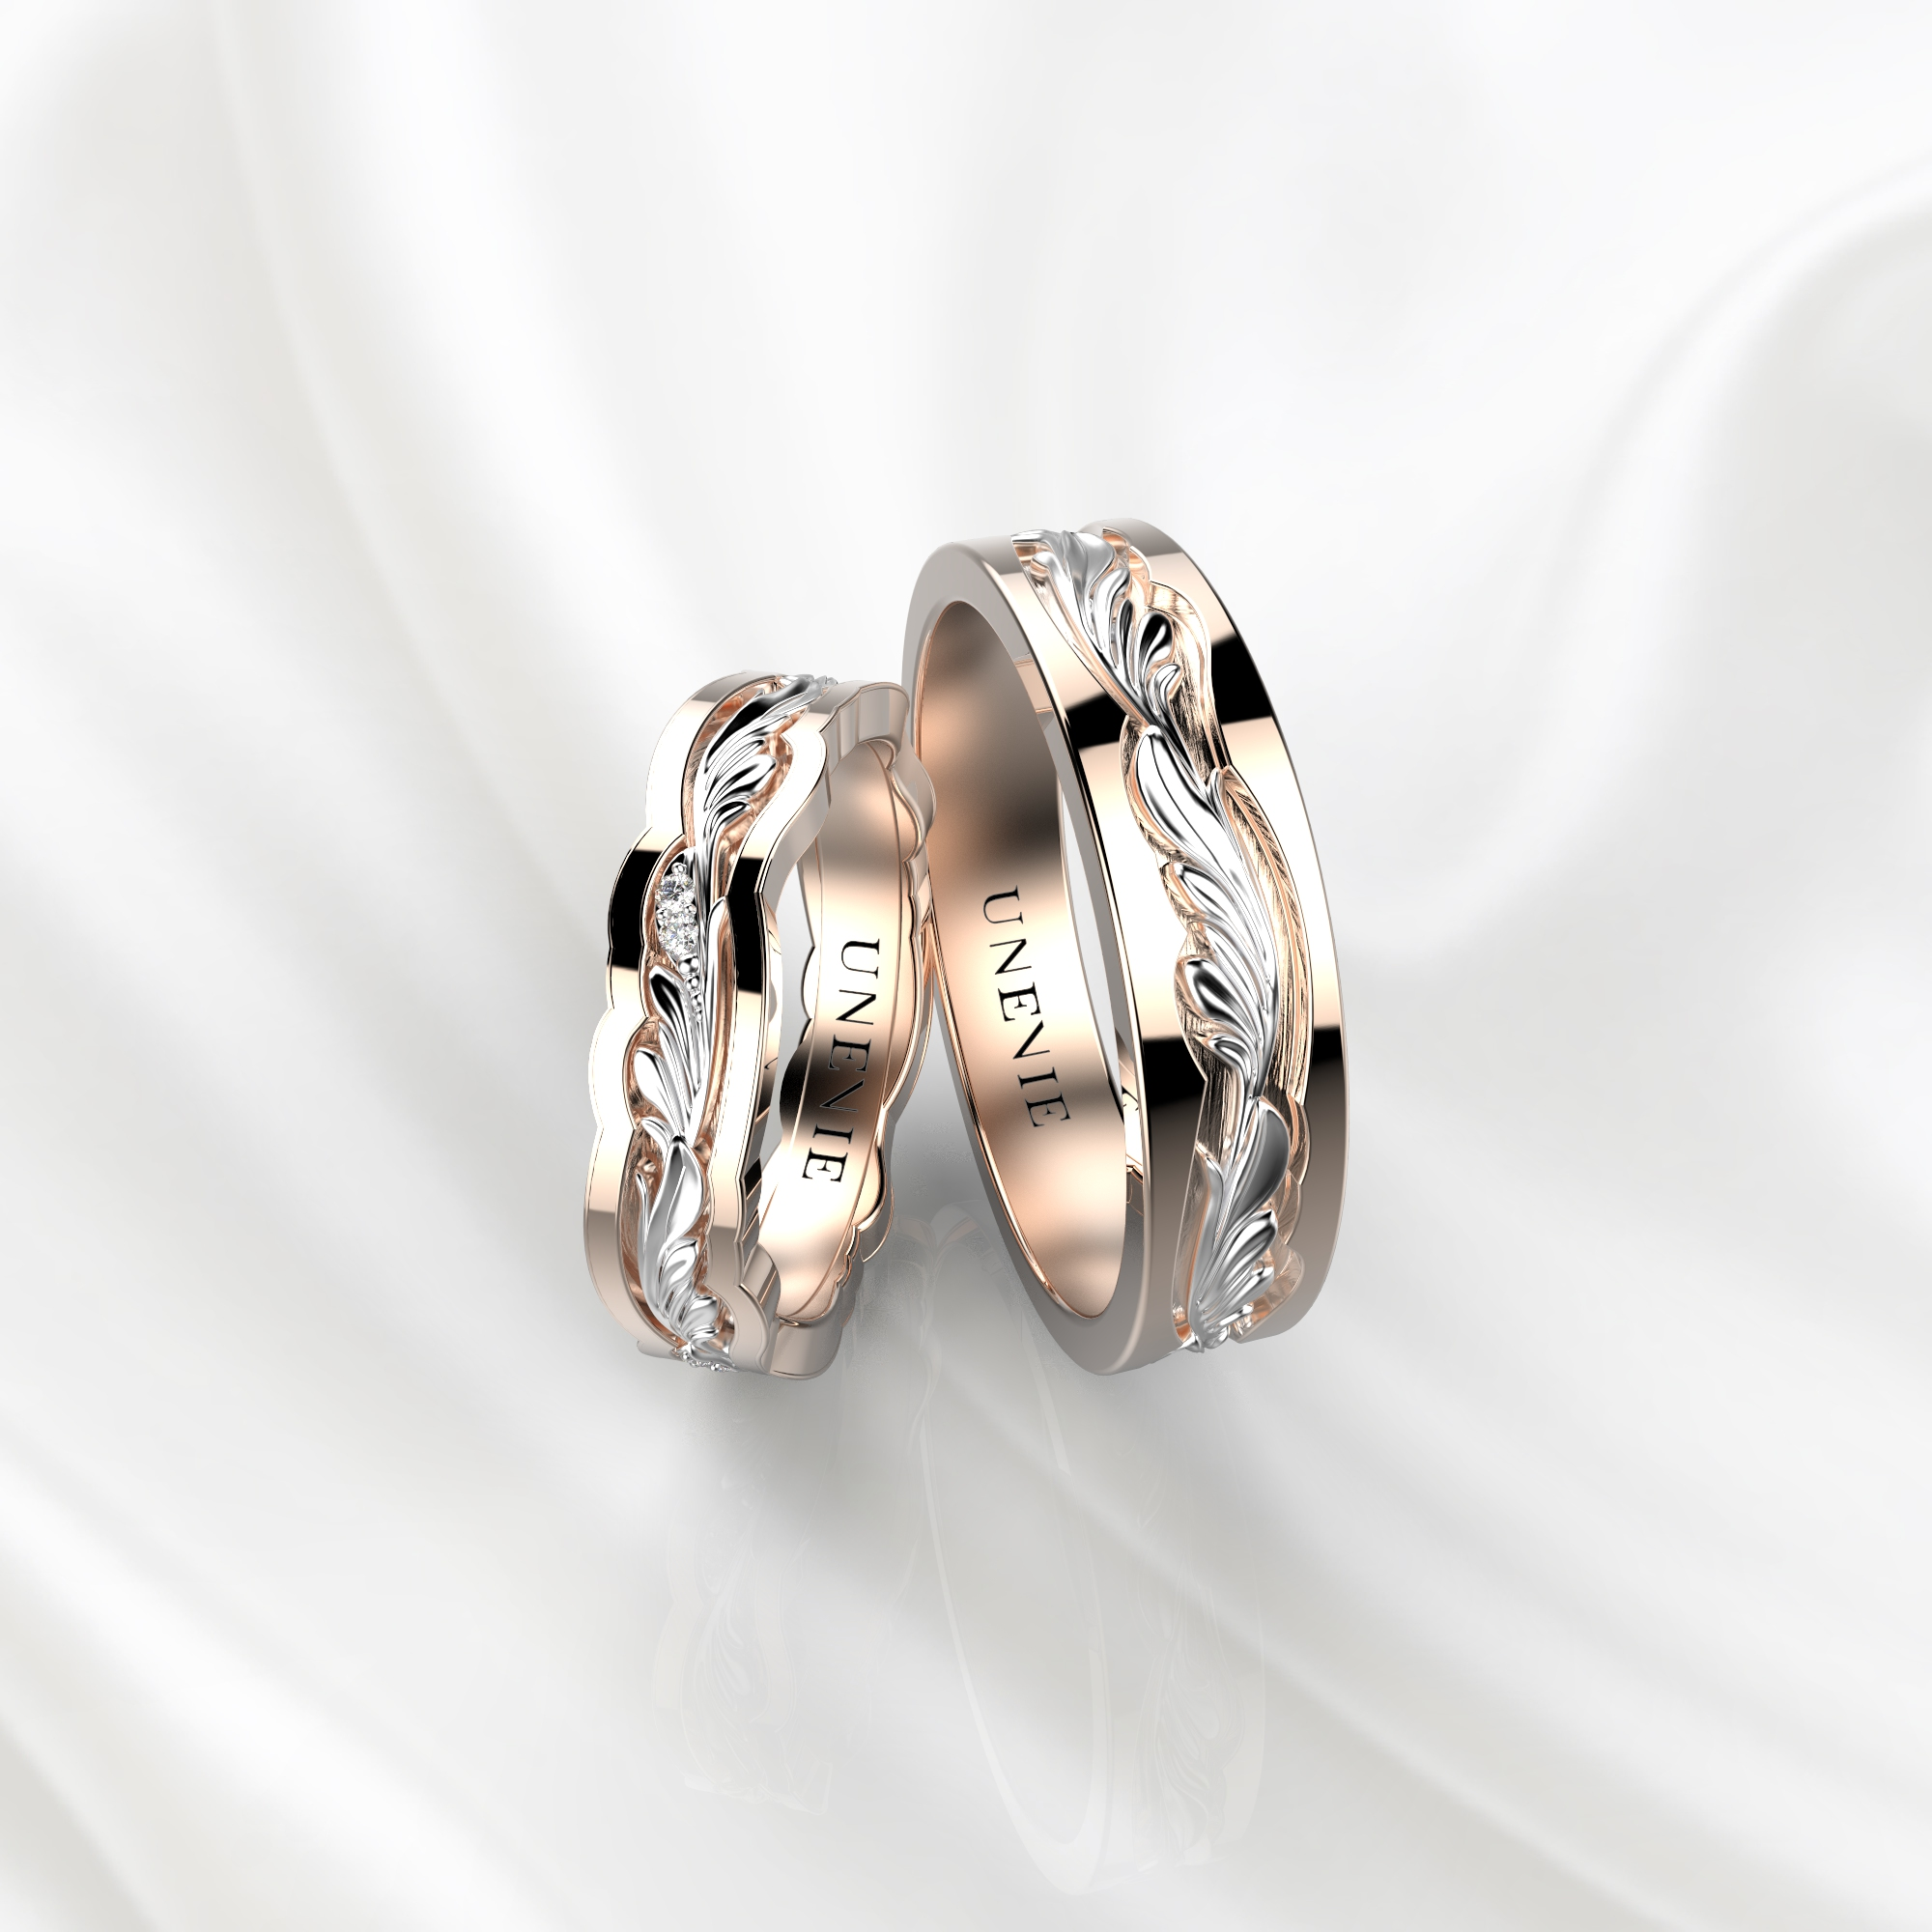 NV44 Парные обручальные кольца из розово-белого золота с бриллиантами